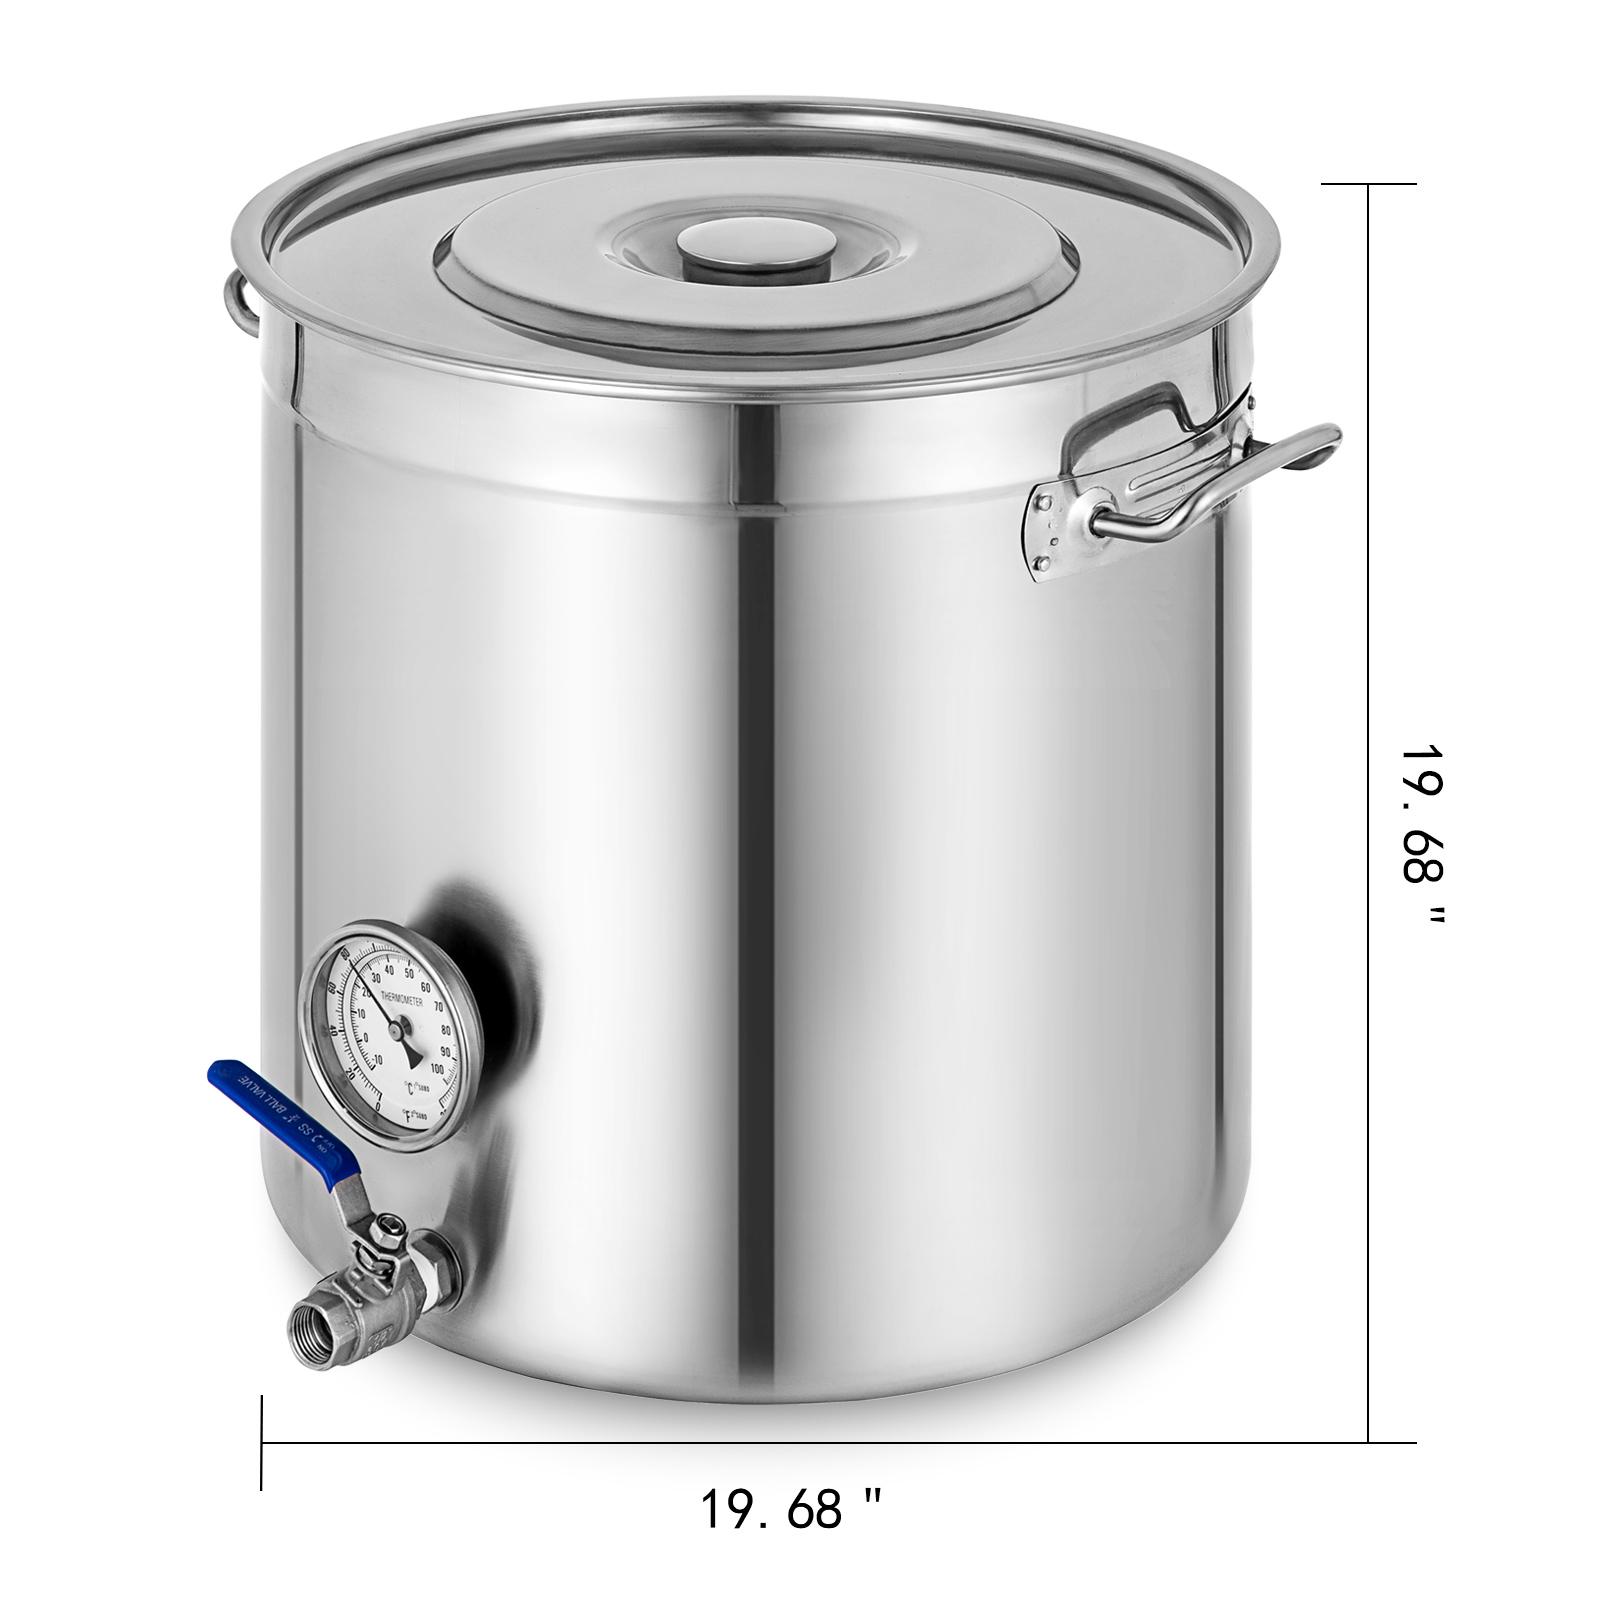 Cocina Olla Cacerola con Termometro 98L Bateria de Cocina